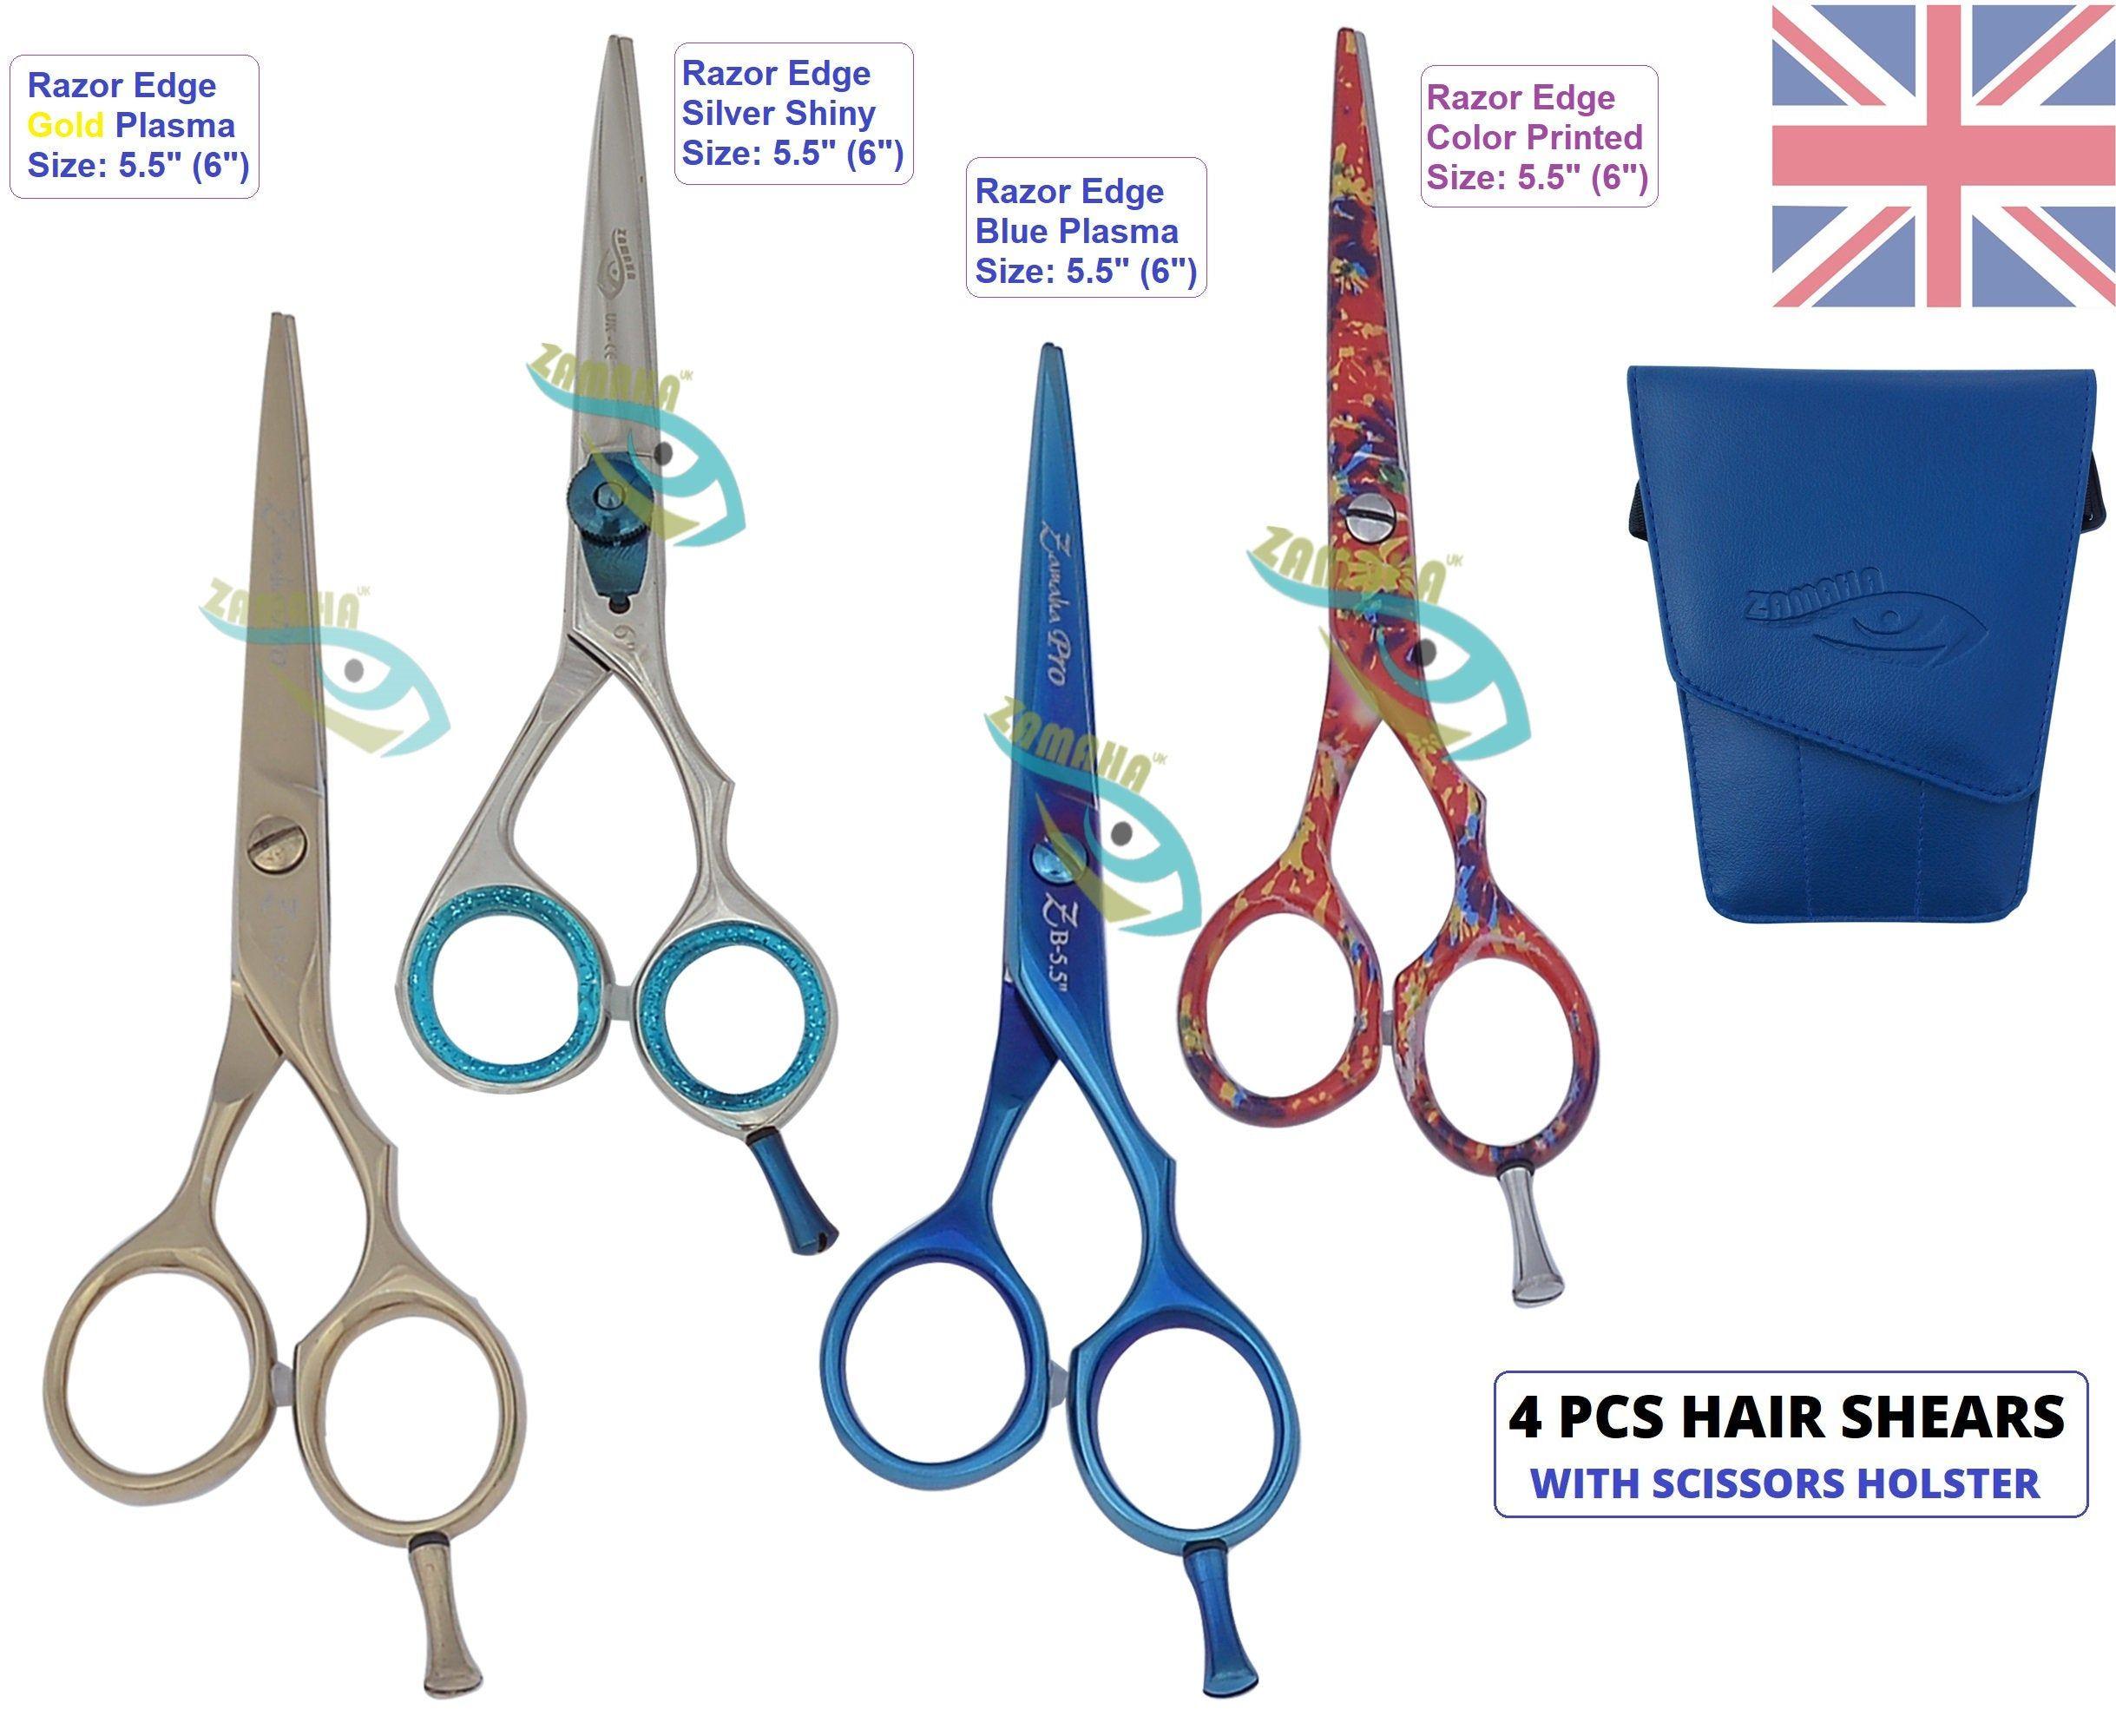 Professional Hairdressing Scissors Hair Barber Scissors Etsy Hairdressing Scissors Thinning Scissors Hair Barber